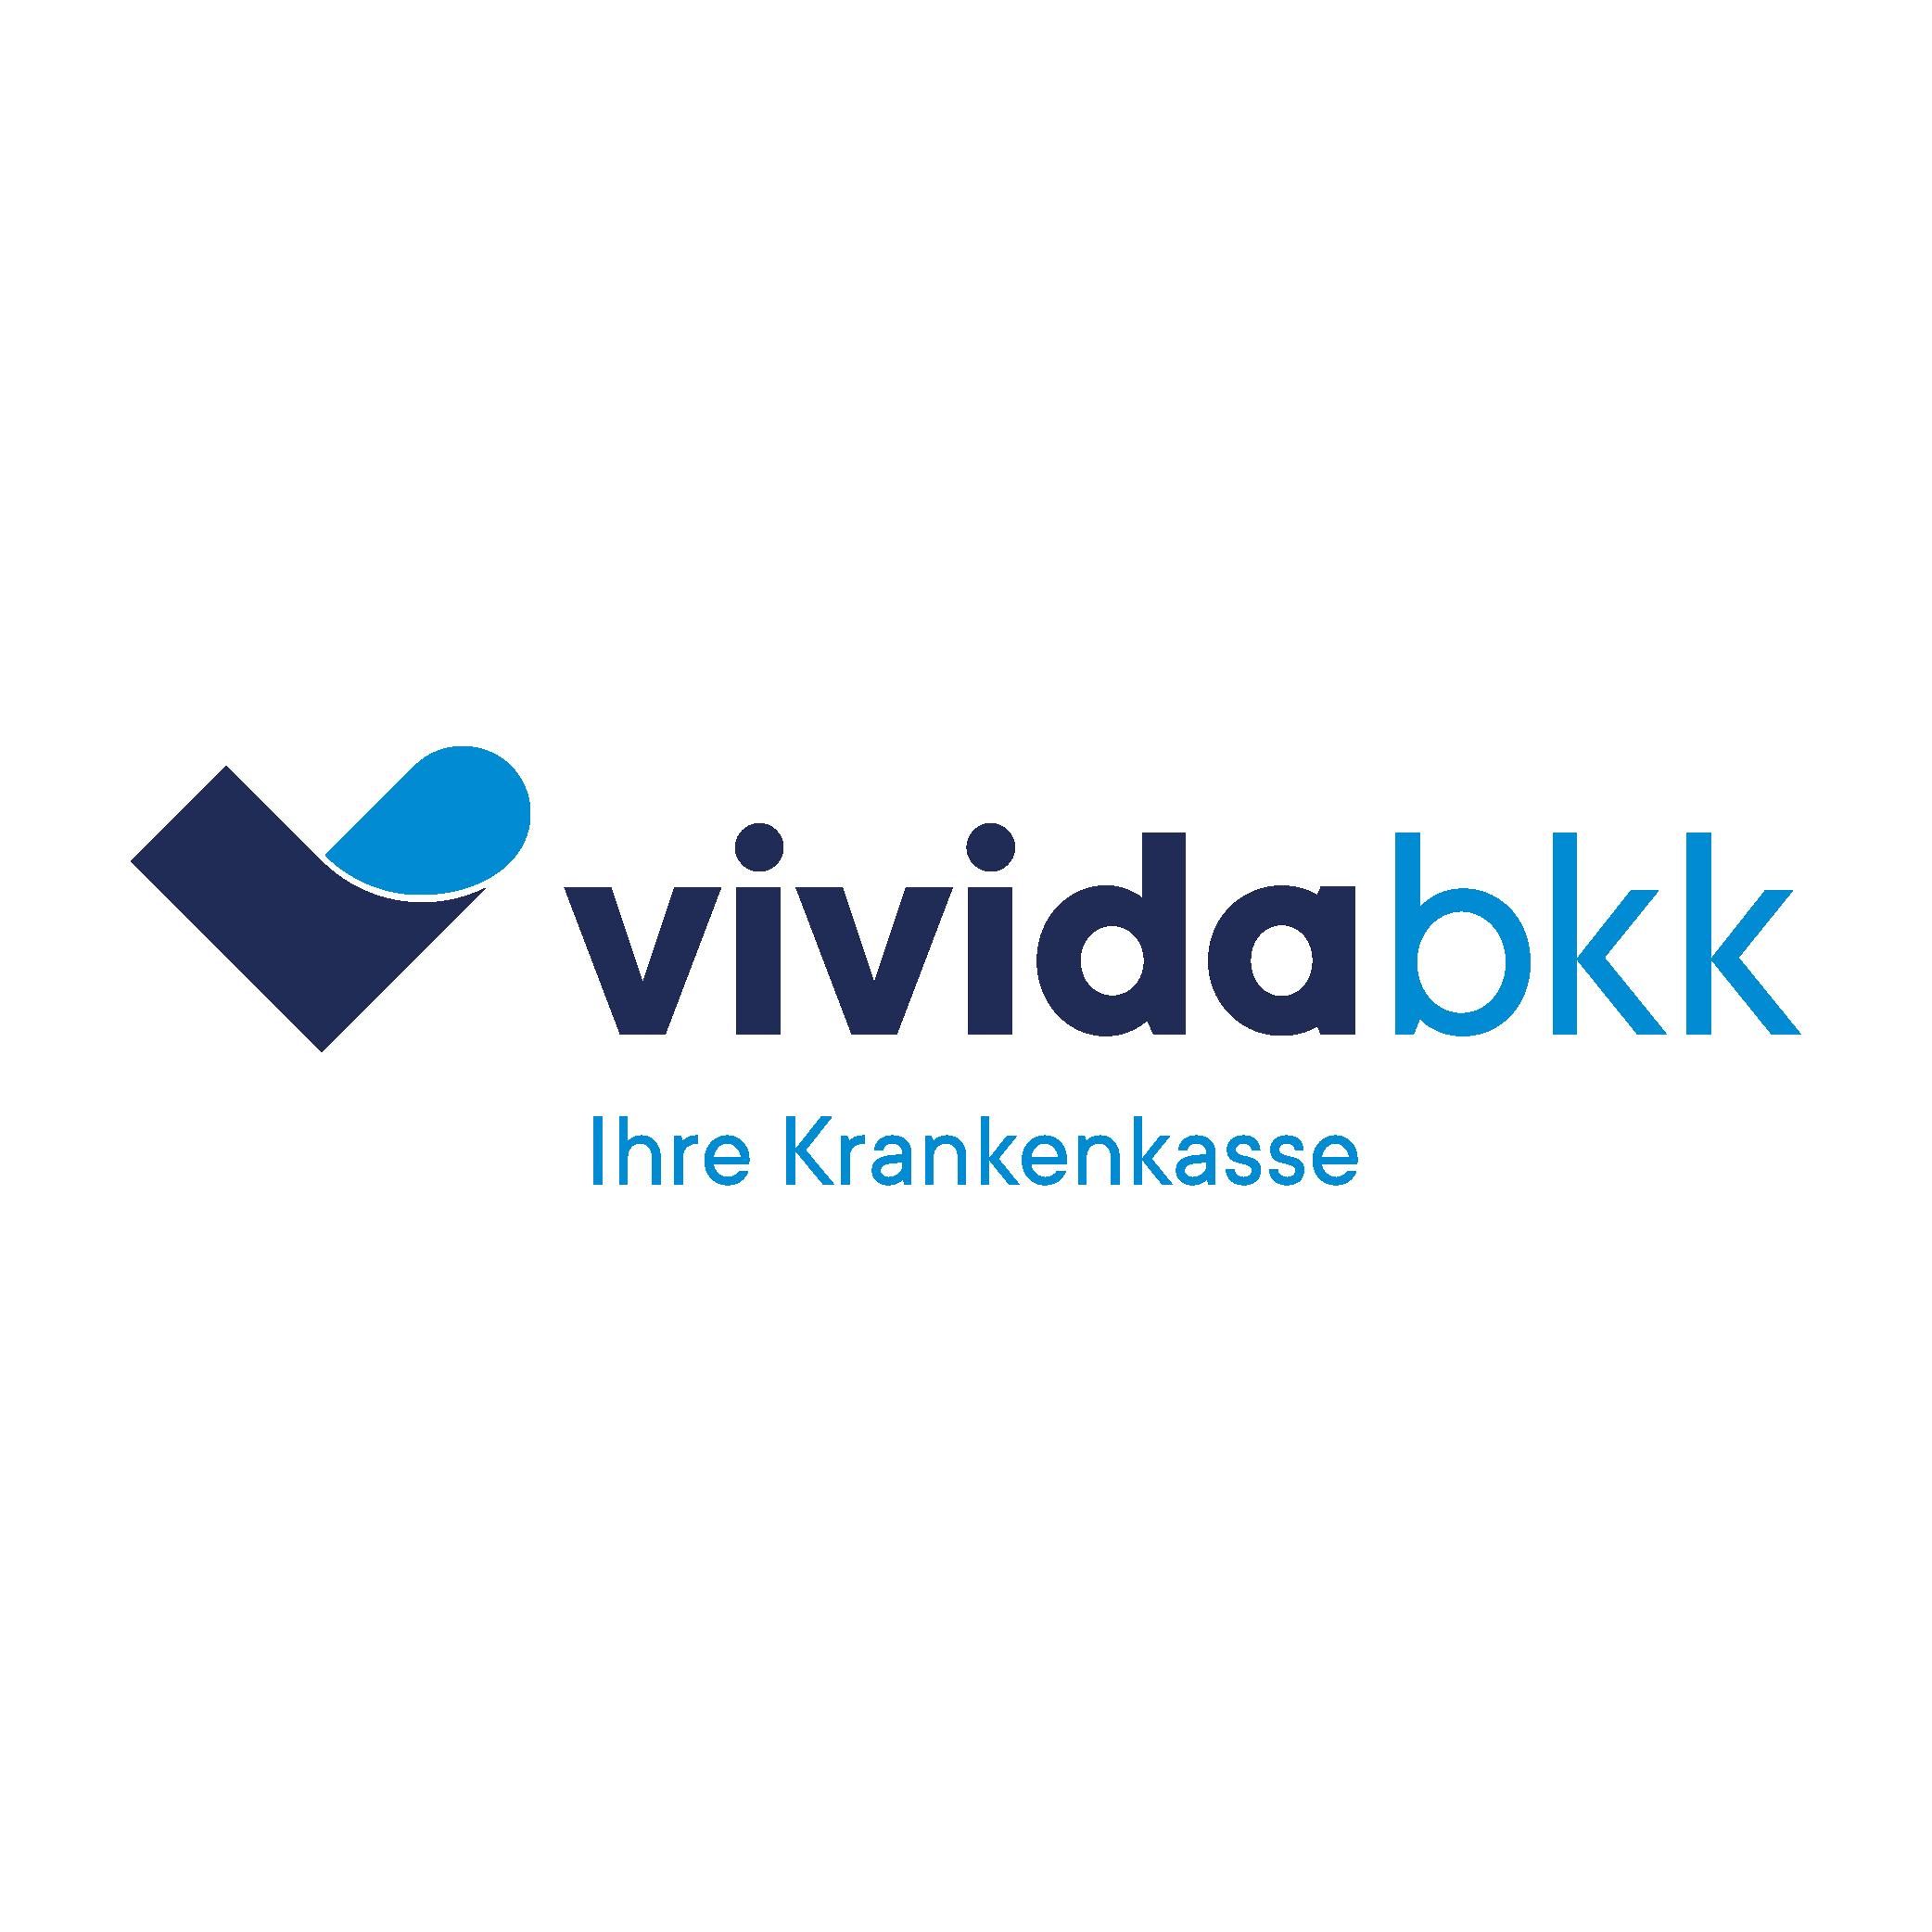 Markenzeichen der vivida bkk